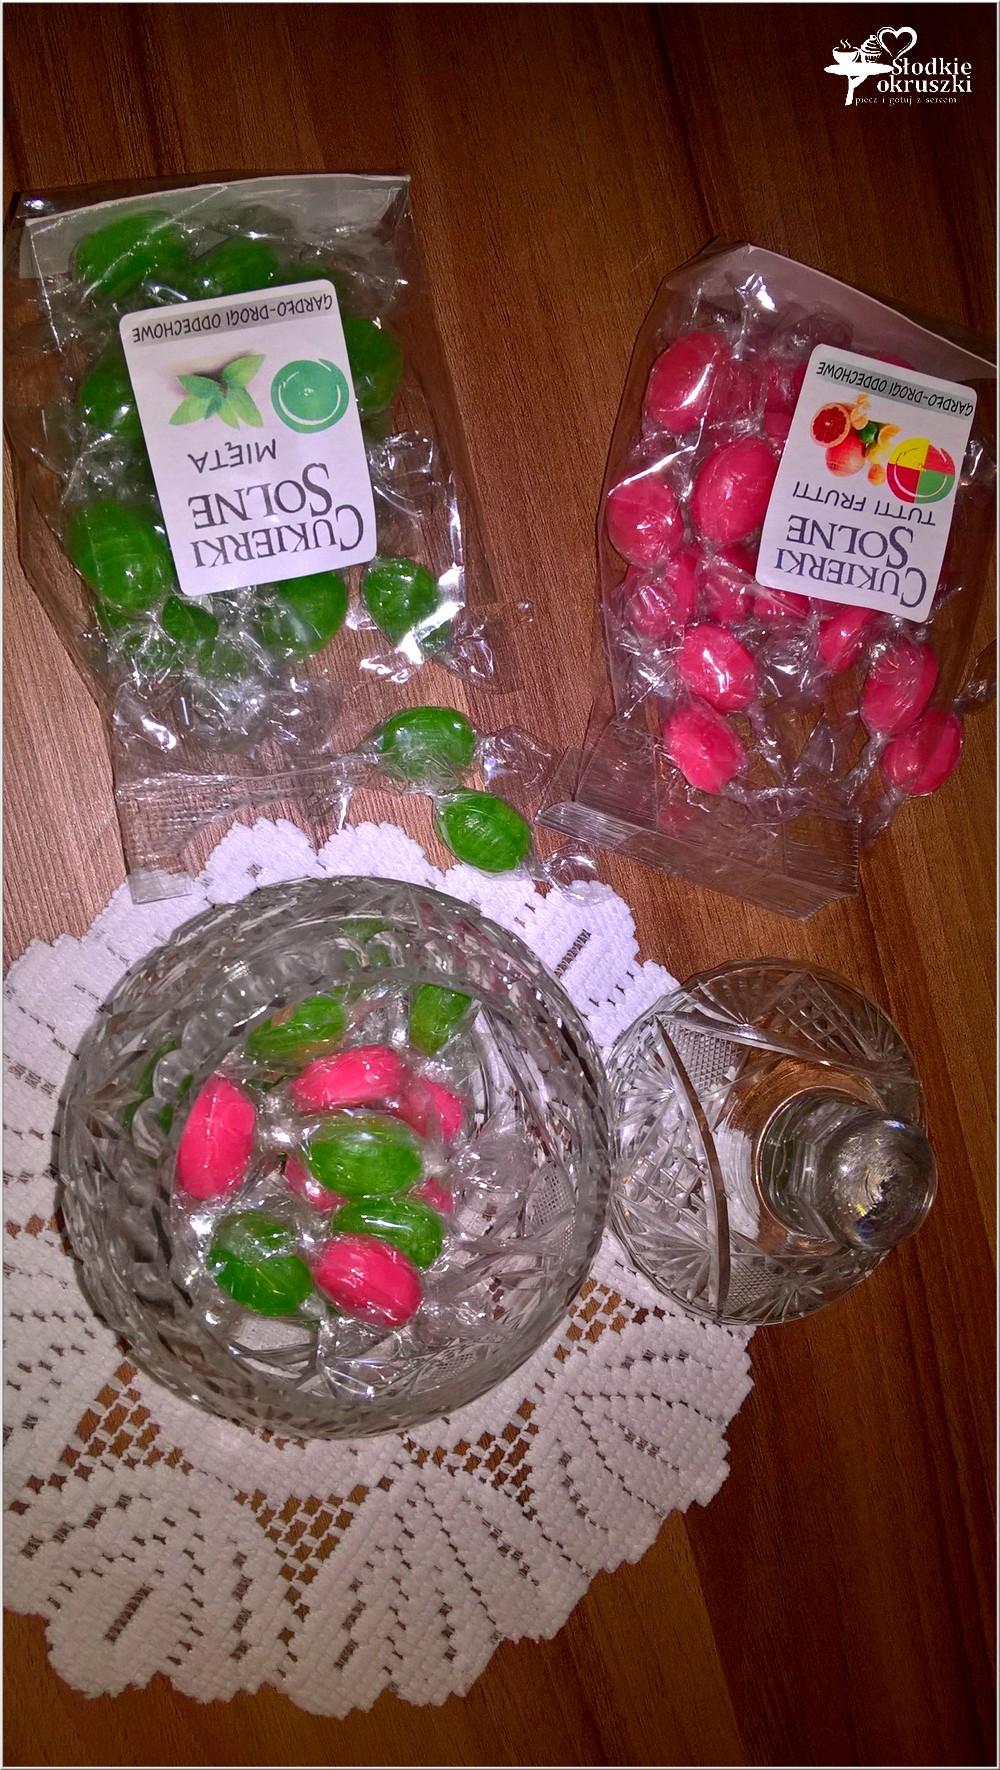 Słodko a zdrowo - cukierki solne idealne na gardło (2)